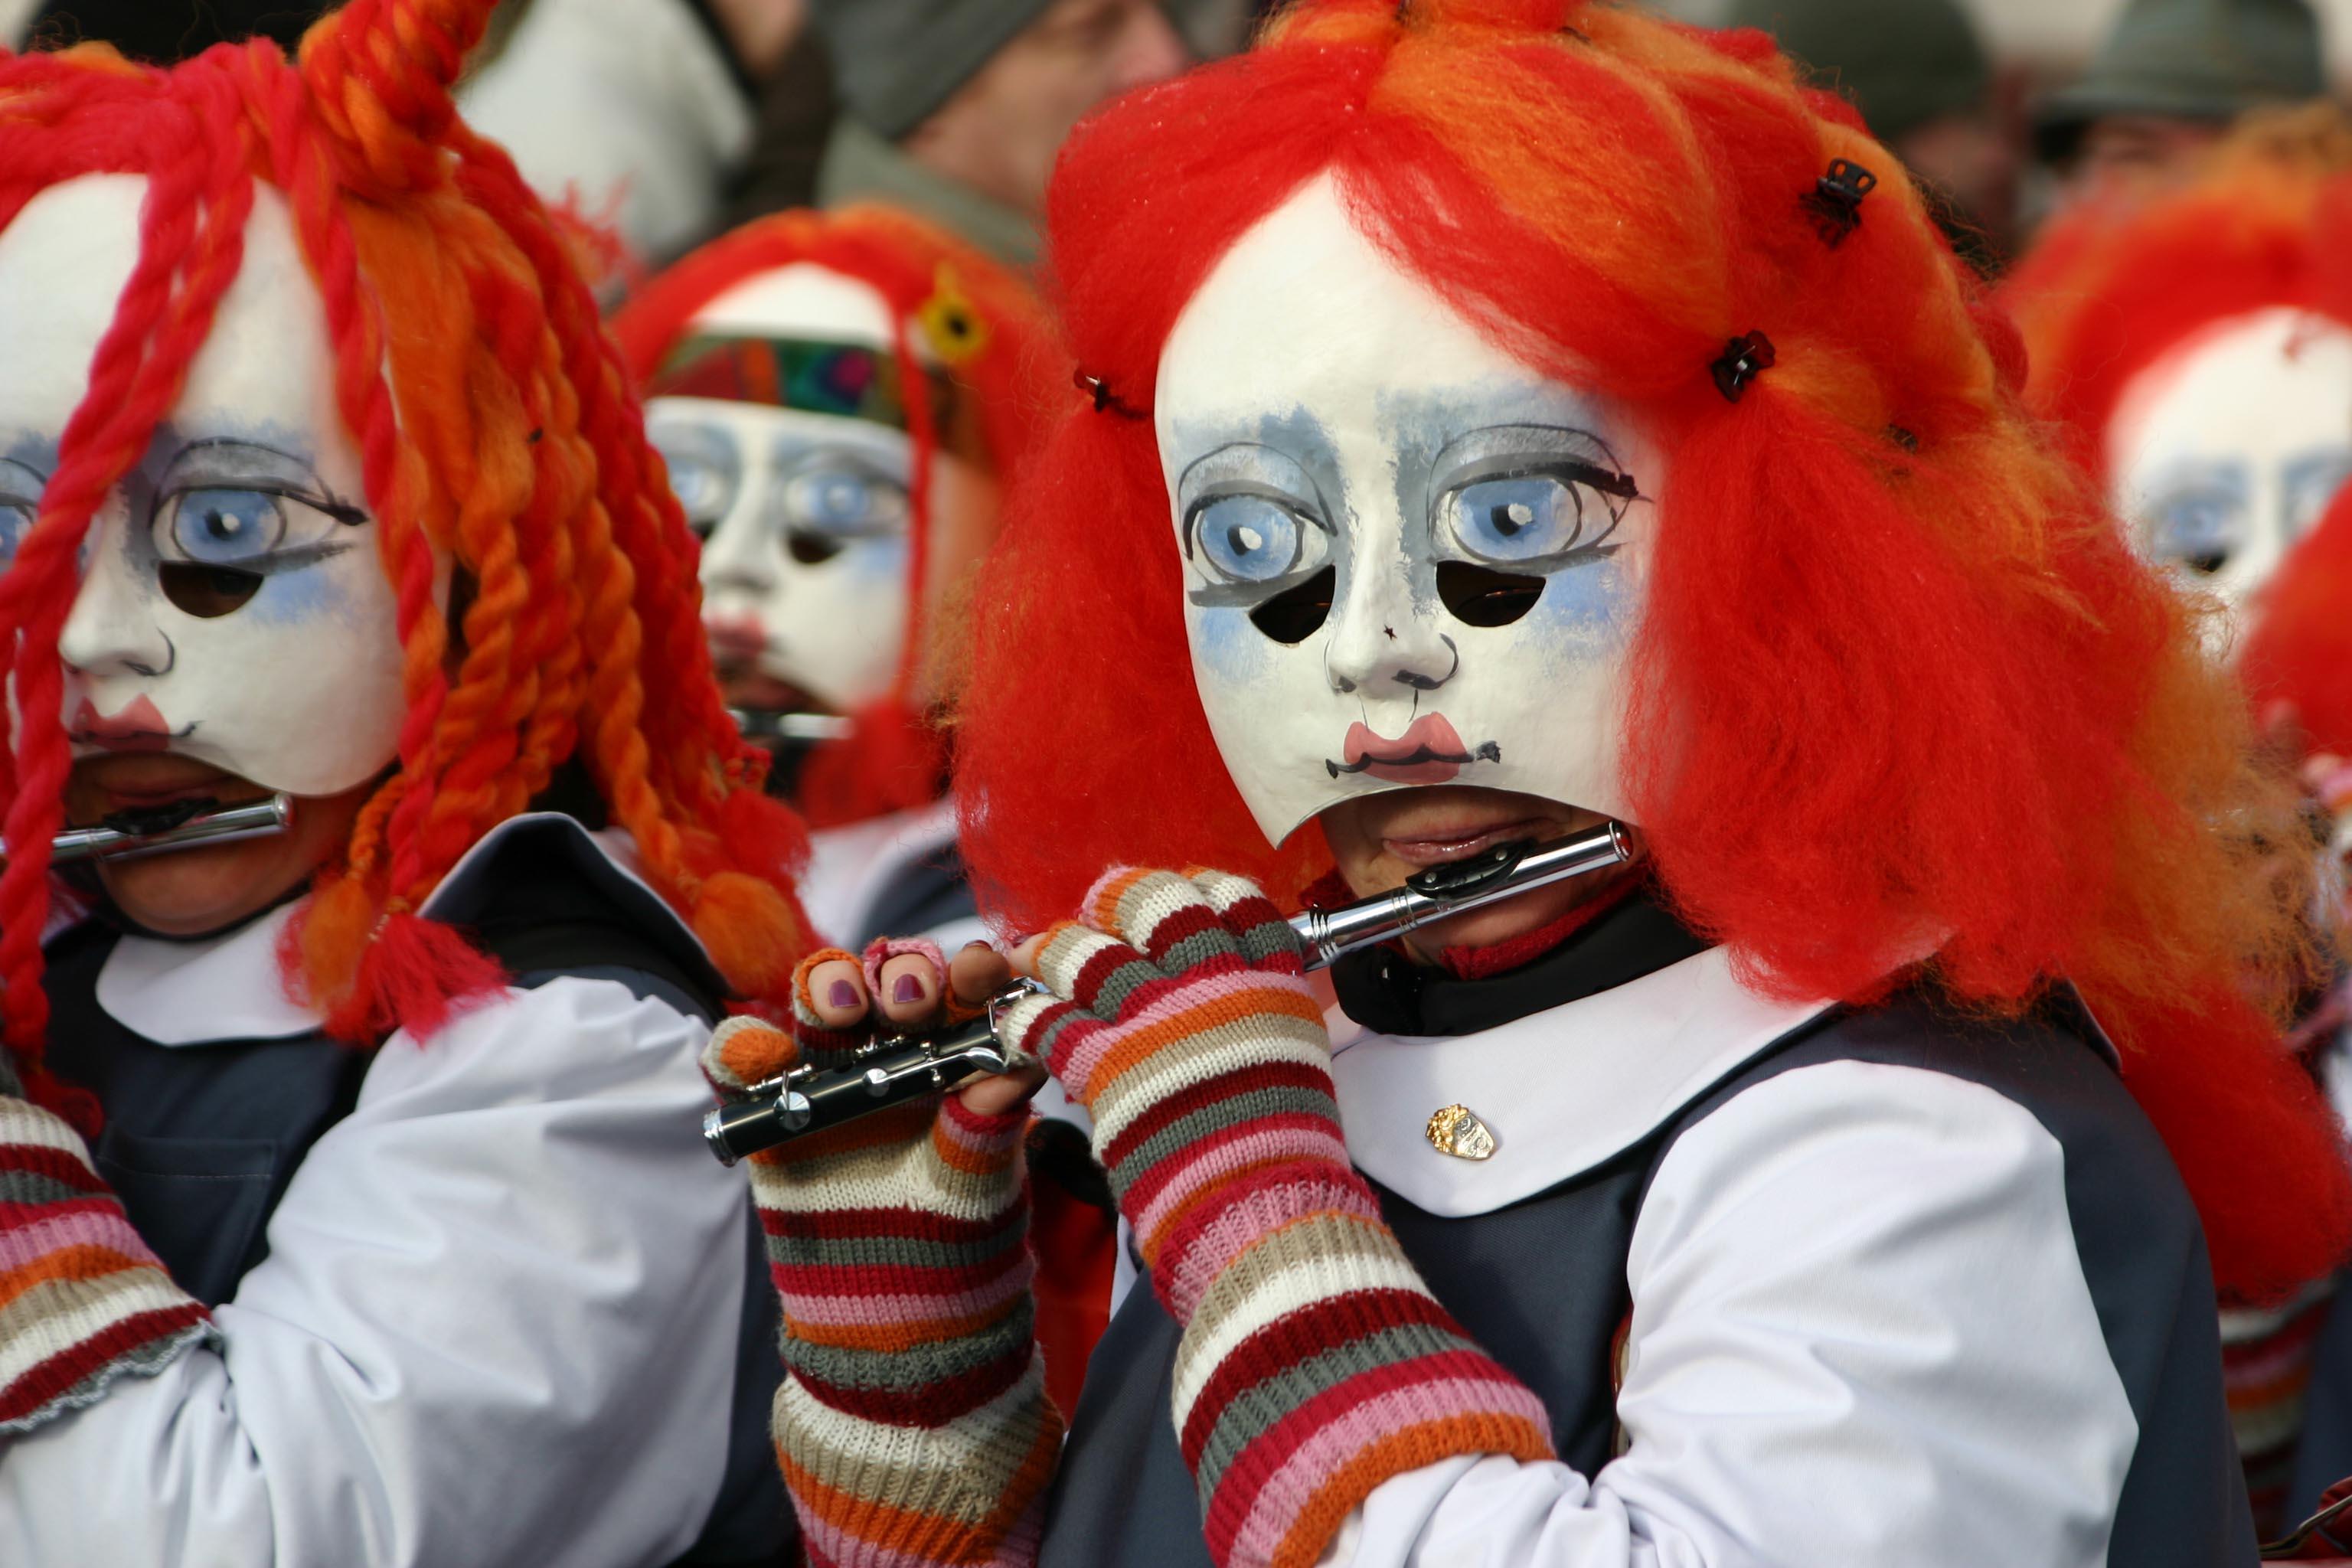 Carnavals en fête - rts.ch - Archives